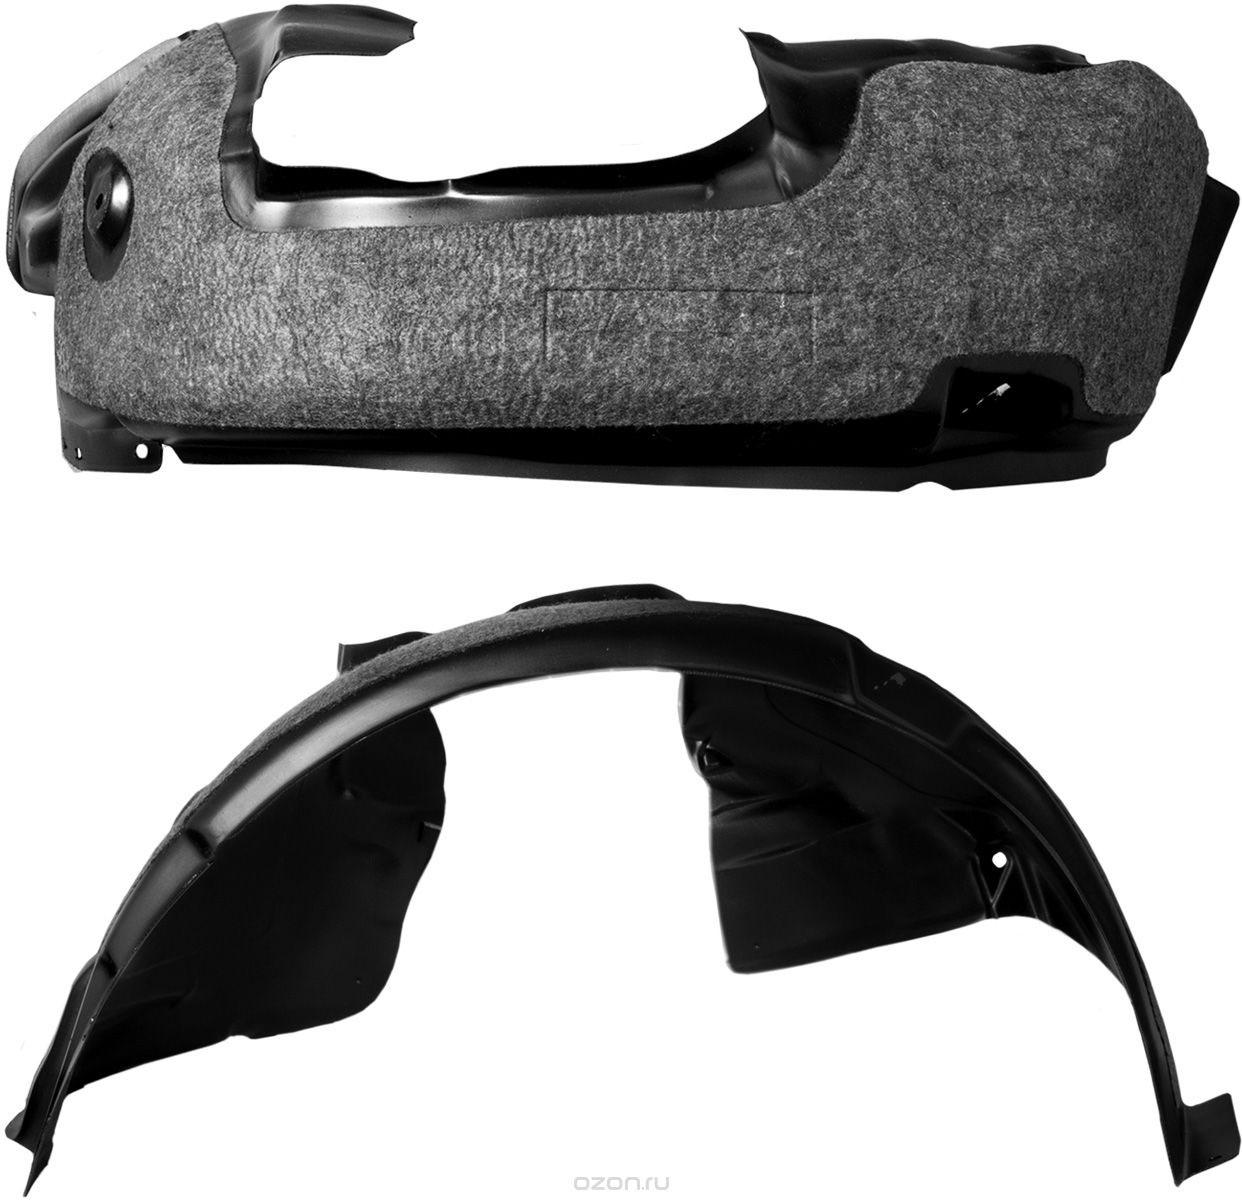 Подкрылок Novline-Autofamily с шумоизоляцией, для Renault Sandero Stepway, 11/2014->, хэтчбек, задний правыйNLS.41.36.004Идеальная защита колесной ниши. Локеры разработаны с применением цифровых технологий, гарантируют максимальную повторяемость поверхности арки. Изделия устанавливаются без нарушения лакокрасочного покрытия автомобиля, каждый подкрылок комплектуется крепежом. Уважаемые клиенты, обращаем ваше внимание, что фотографии на подкрылки универсальные и не отражают реальную форму изделия. При этом само изделие идет точно под размер указанного автомобиля.